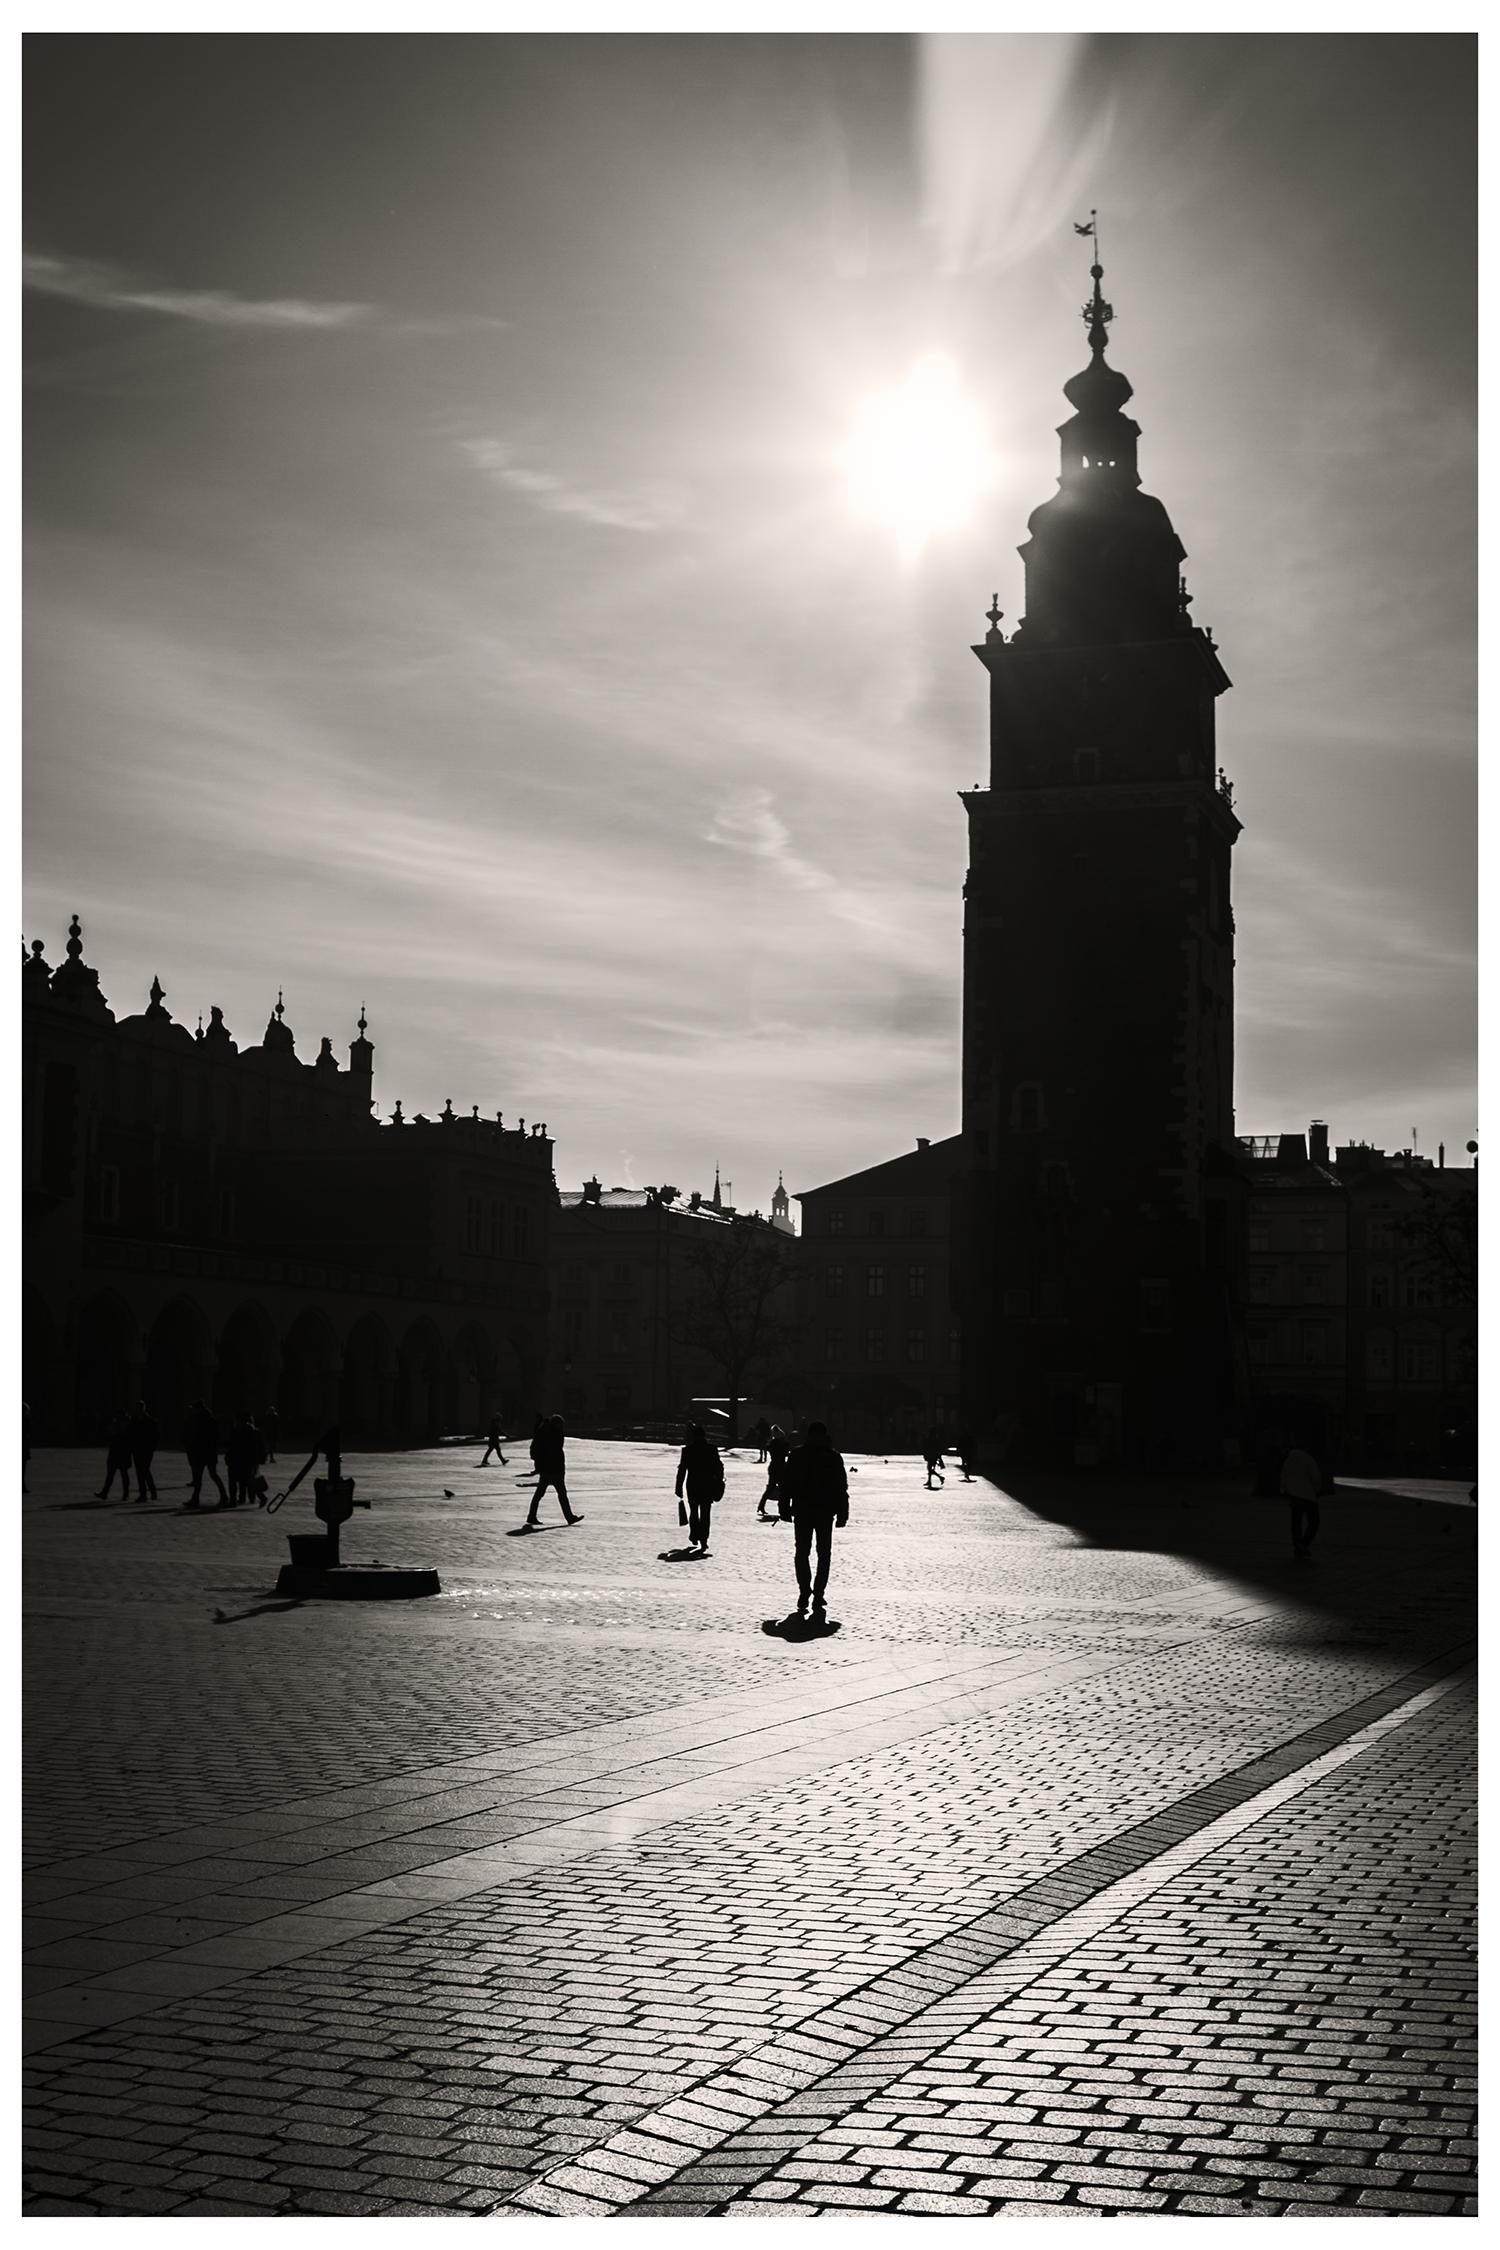 Shadows of Krakow